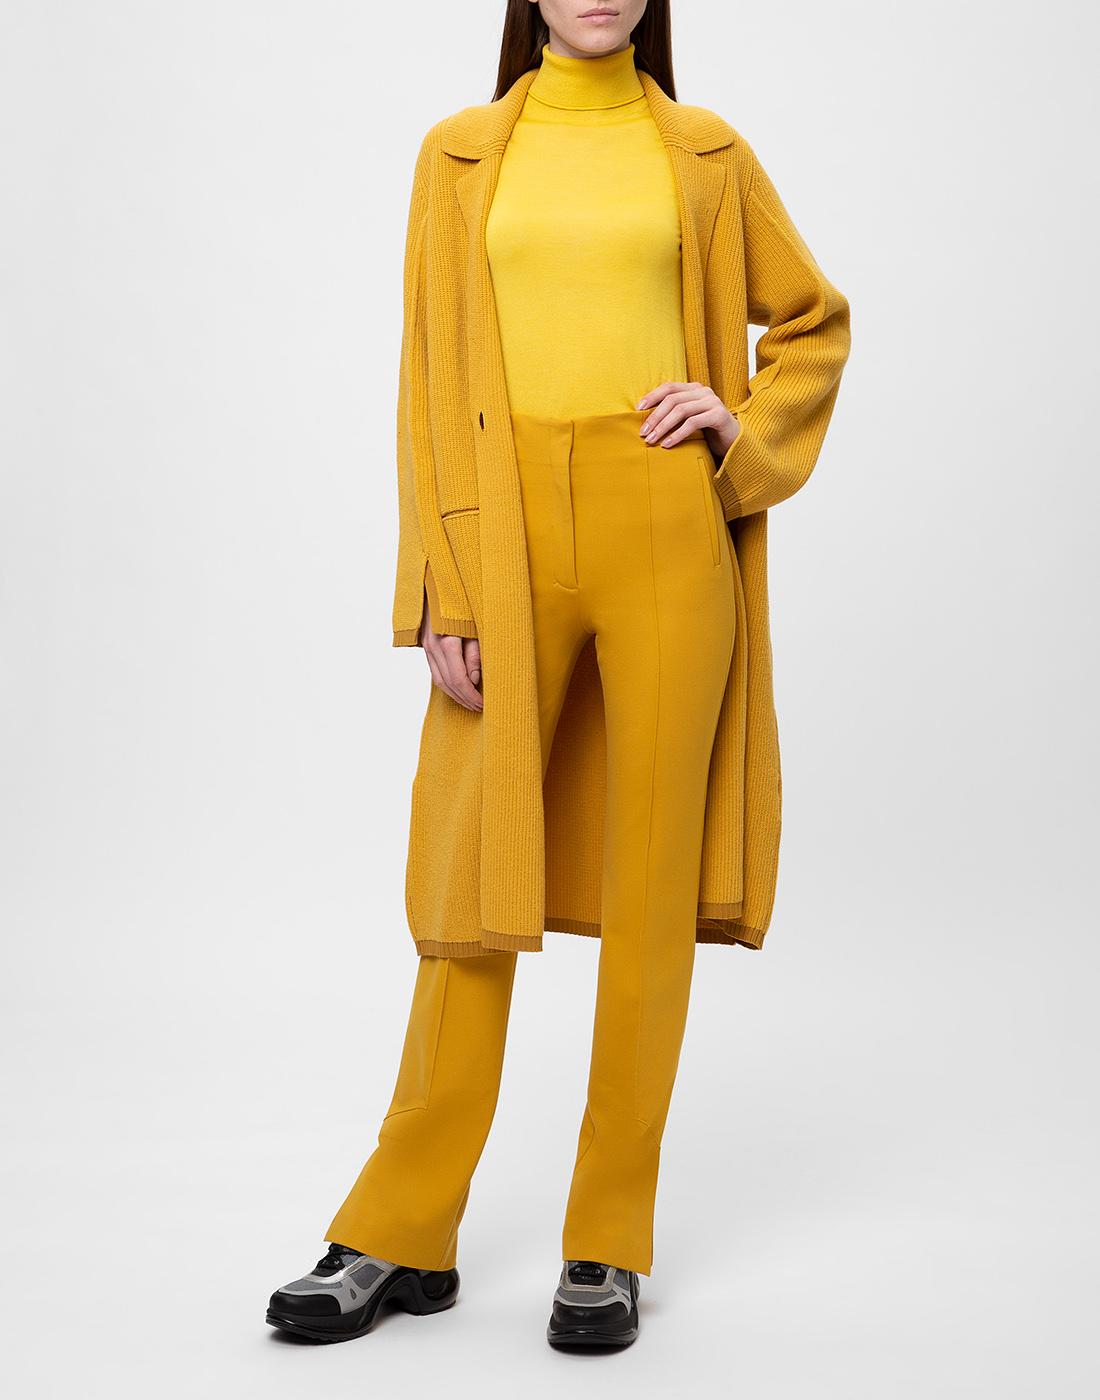 Женский желтый джемпер  Dorothee Schumacher S610802/224-5